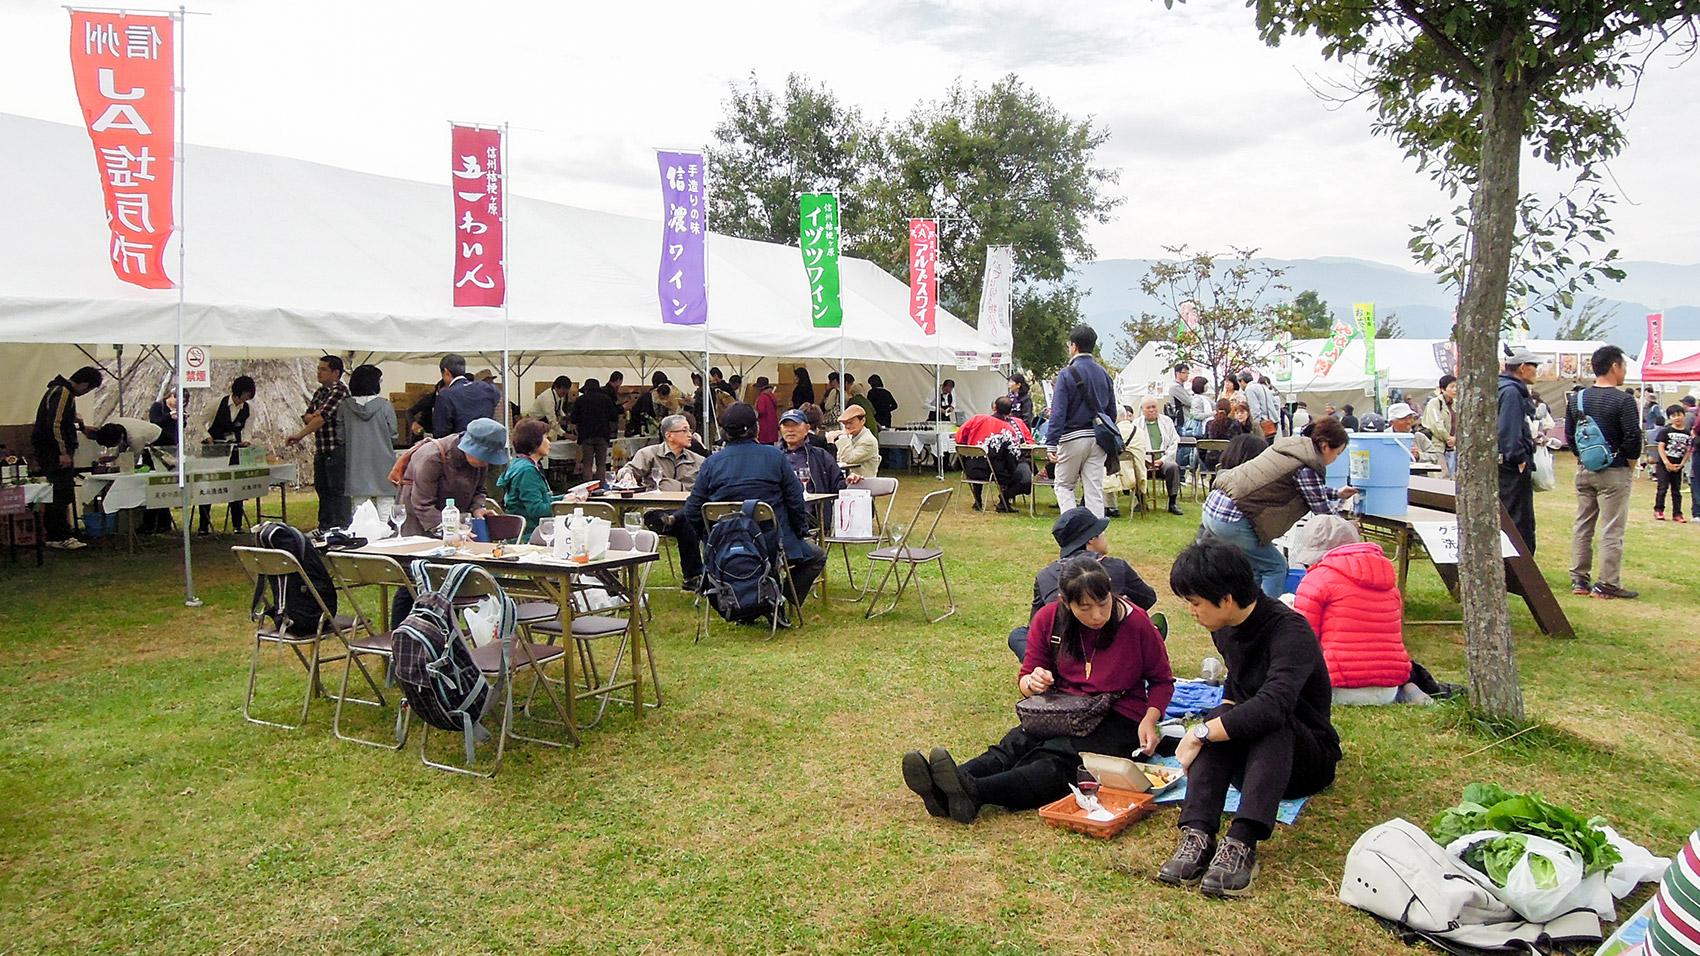 10月の「そば切り物語り」と同時に開催された「塩尻ヌーボーピクニック」。 2017年5月の「塩尻ワイナリーフェスタ」が待ち遠しい。